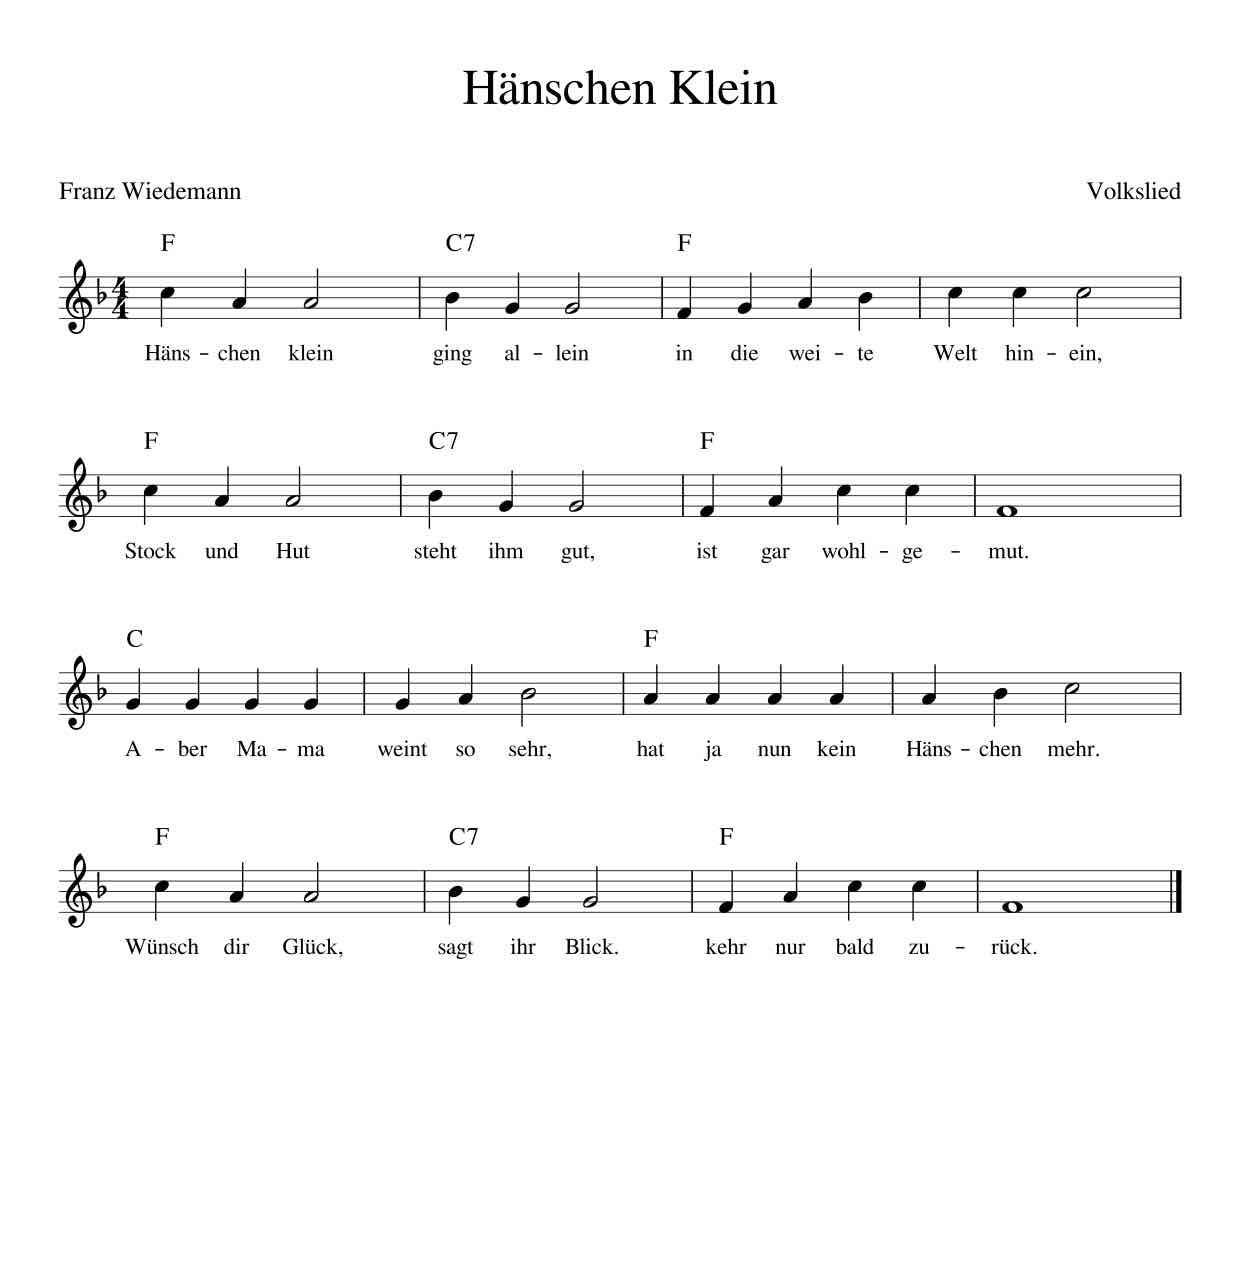 Hänschen Klein